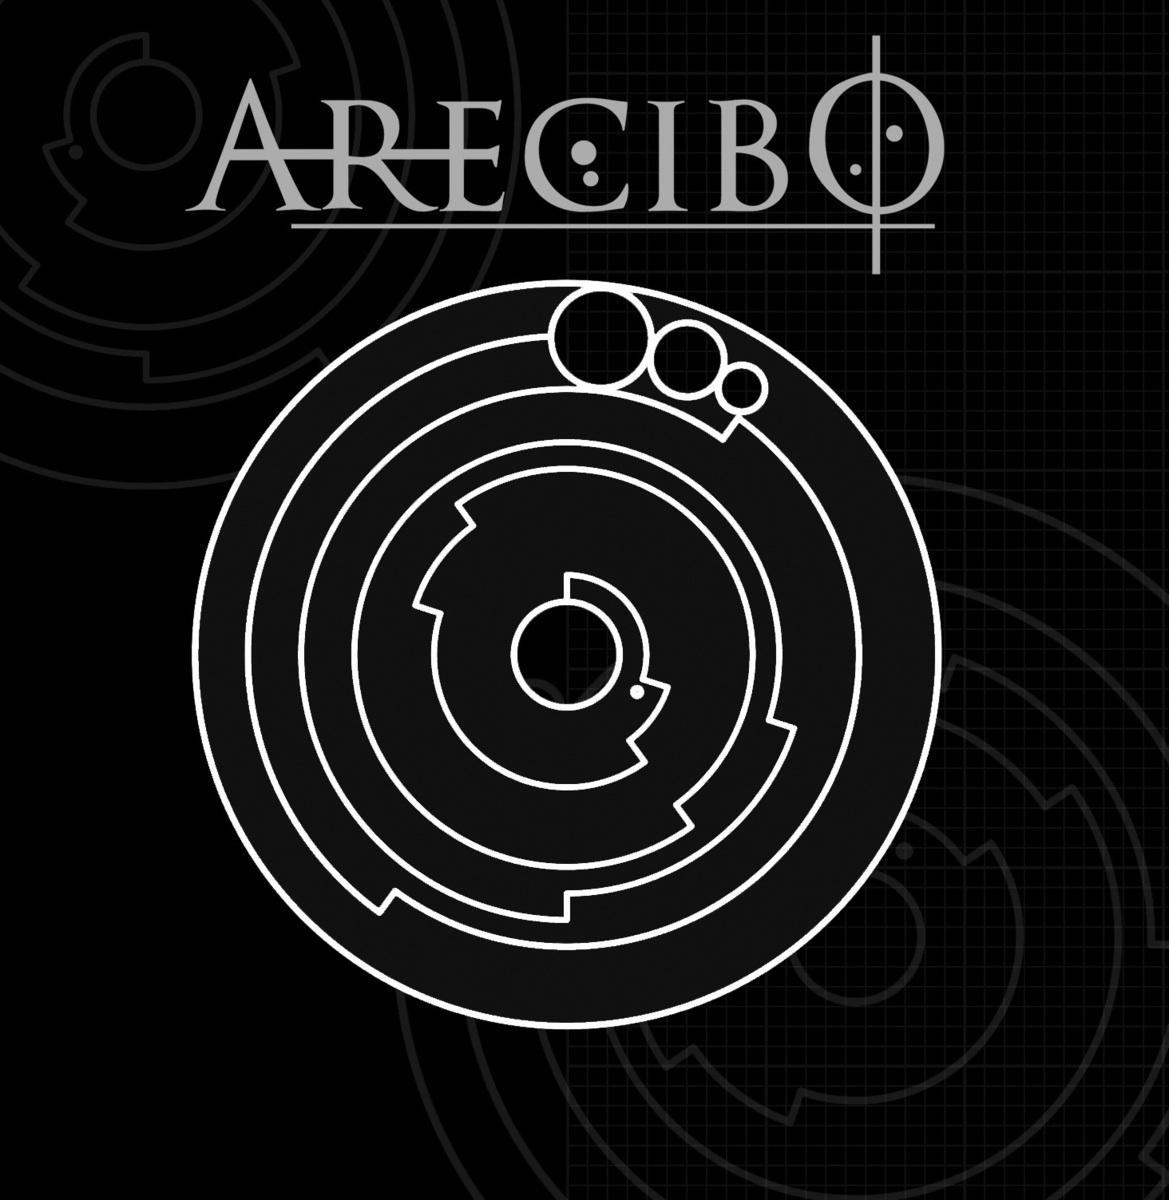 Arecibo – Arecibo (EP)